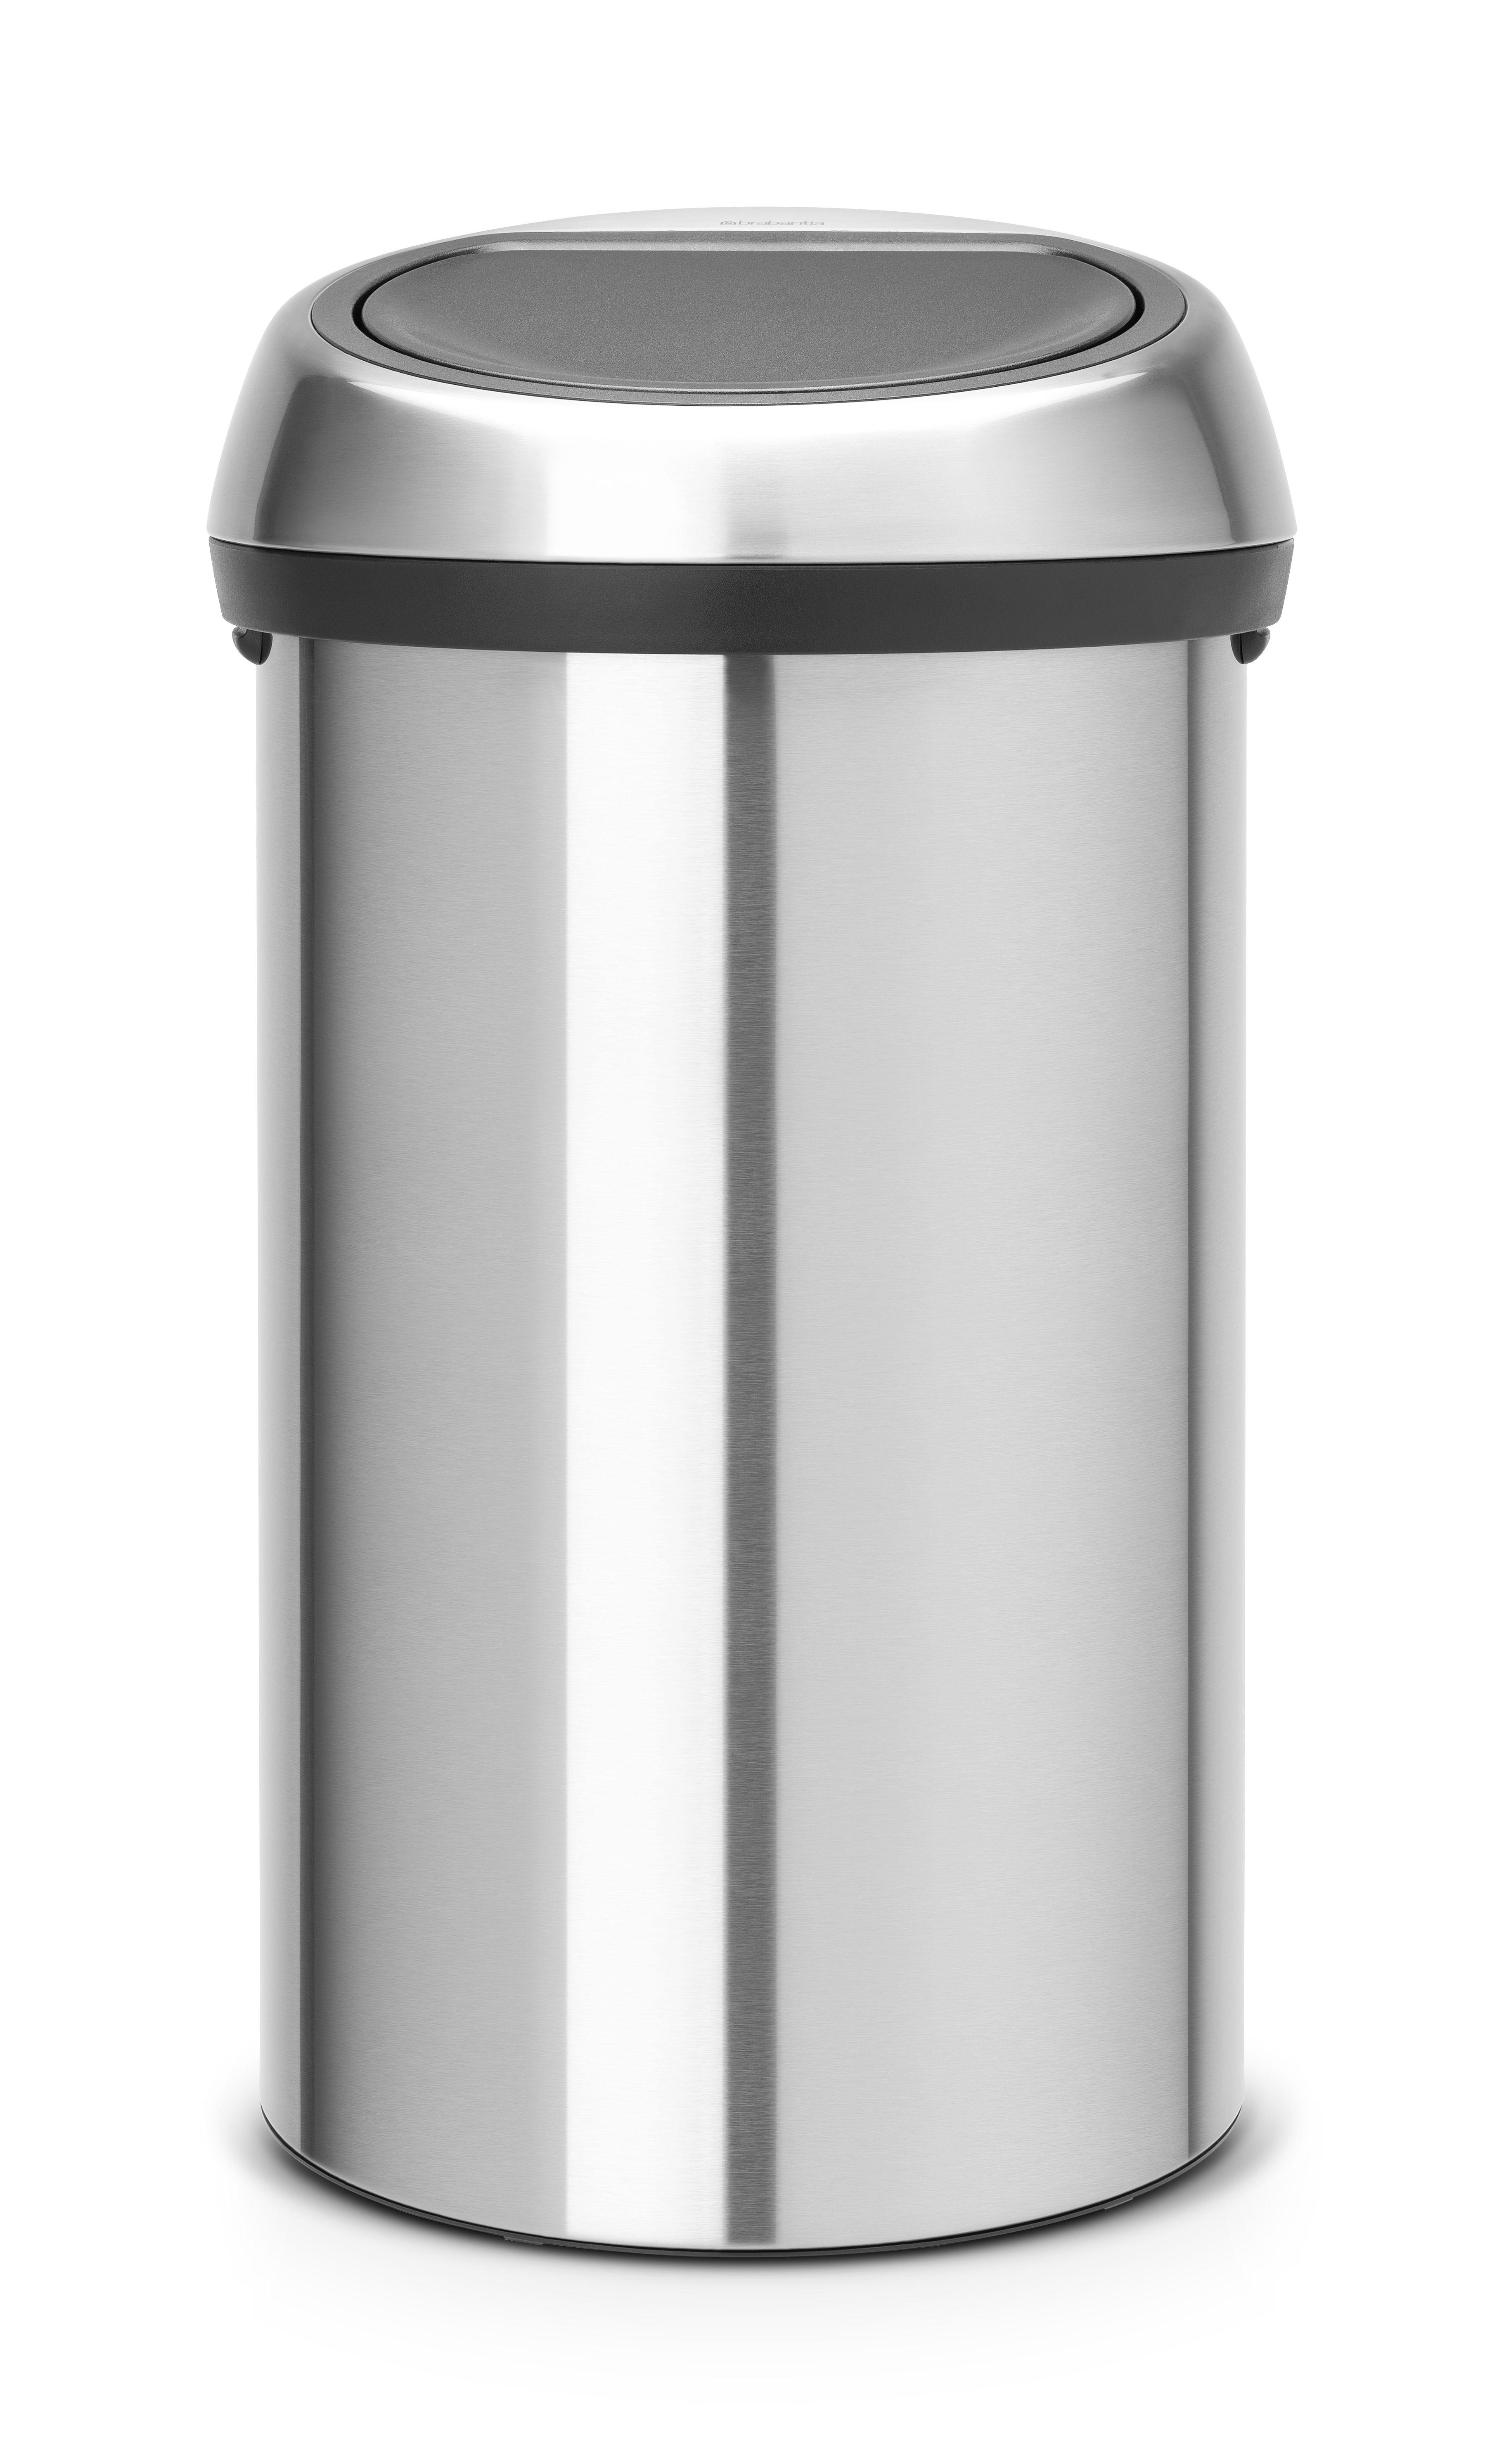 Brabantia Touch Bin Mat Rvs.Brabantia Touch Bin 60l Mat Rvs Products In 2019 Keuken